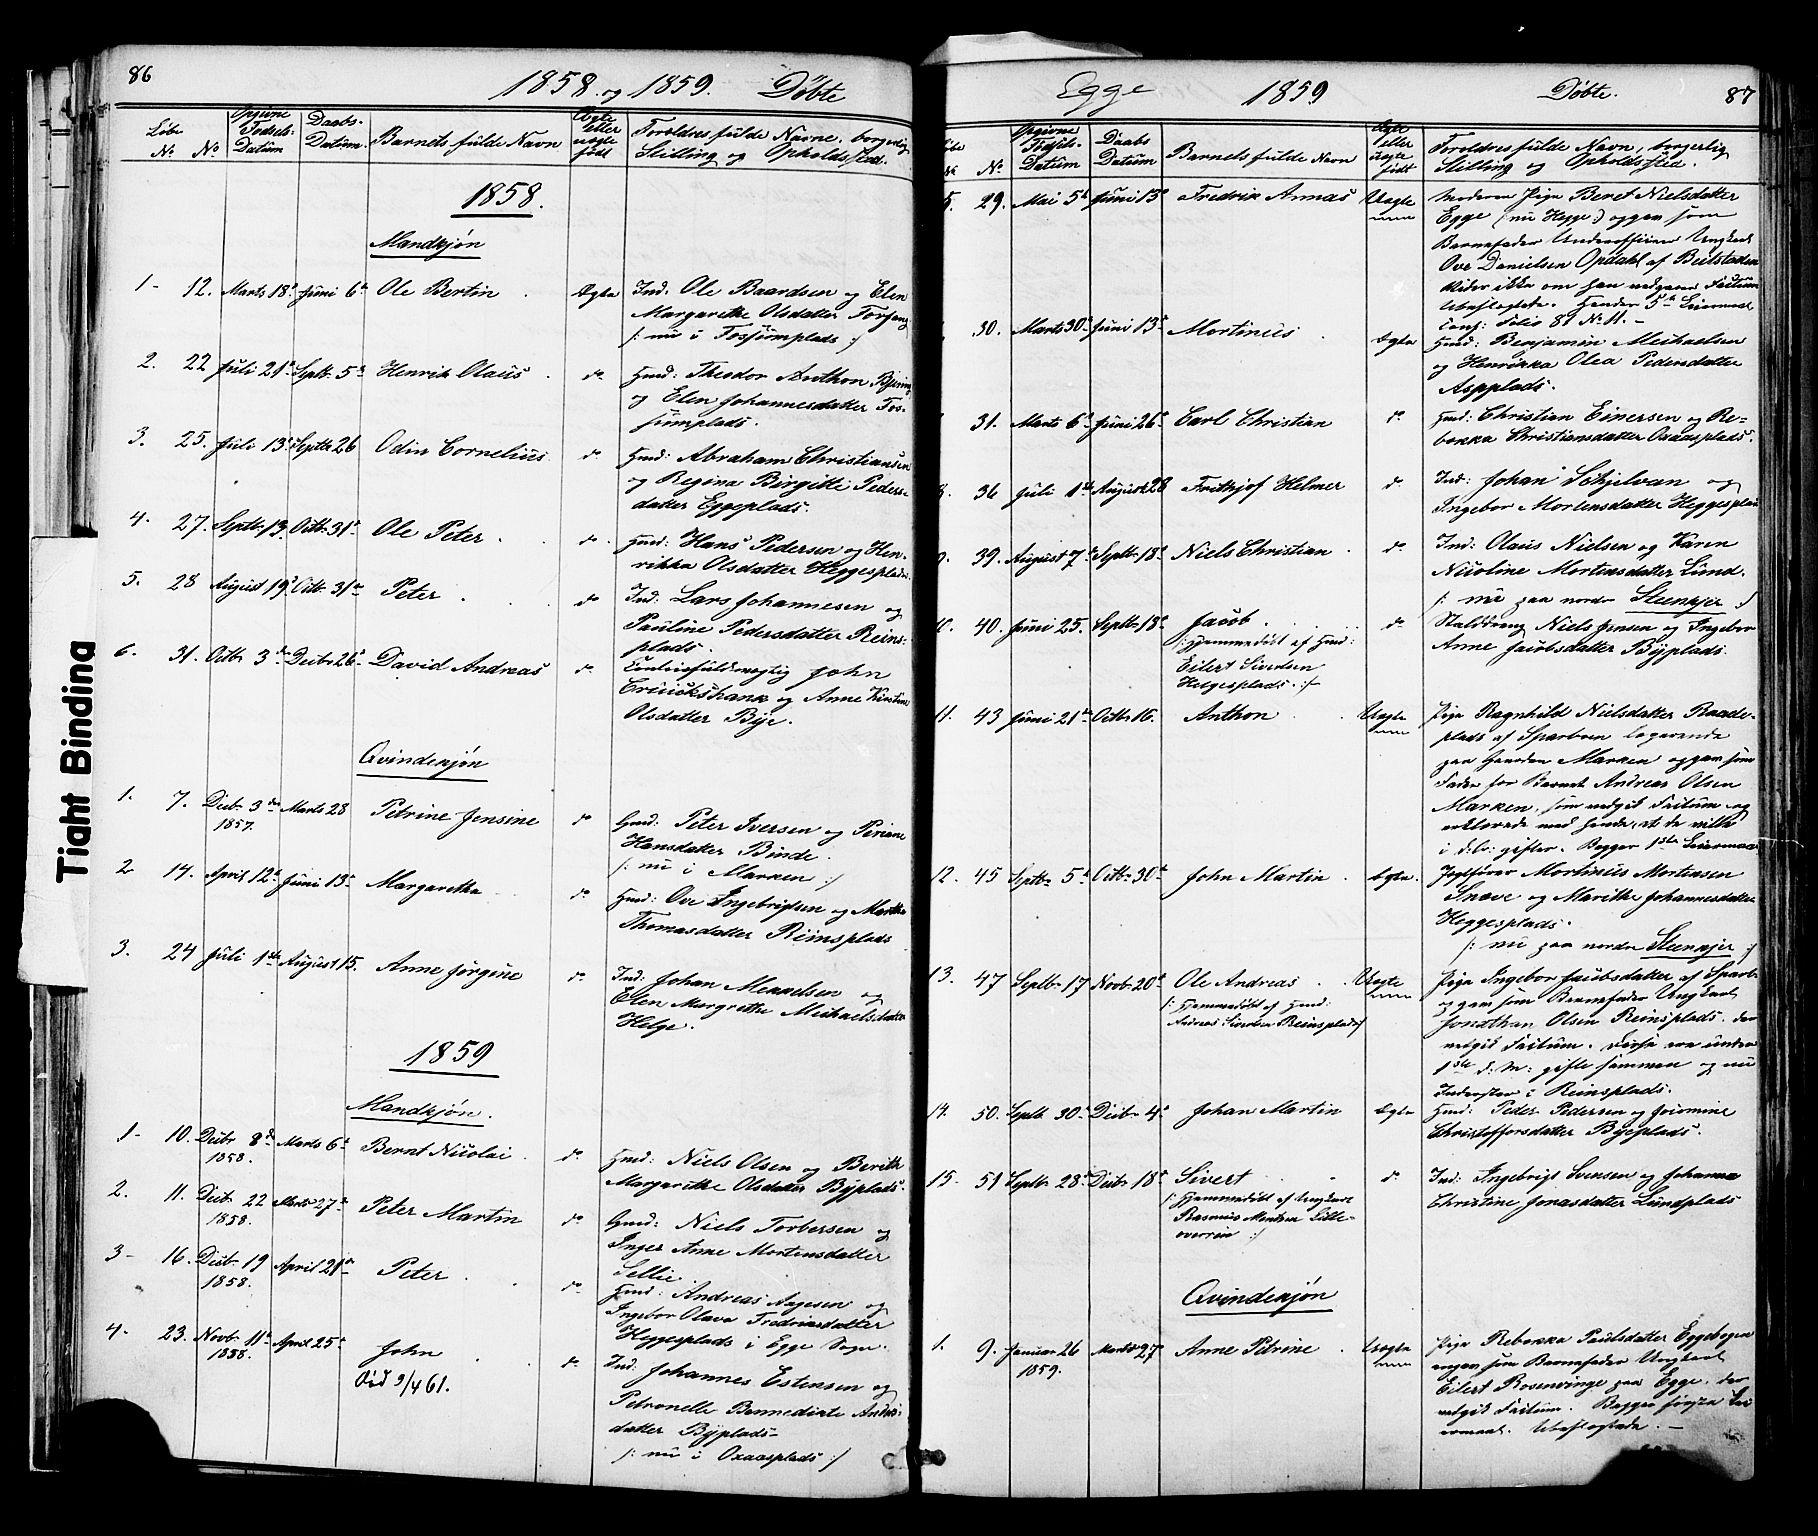 SAT, Ministerialprotokoller, klokkerbøker og fødselsregistre - Nord-Trøndelag, 739/L0367: Ministerialbok nr. 739A01 /3, 1838-1868, s. 86-87